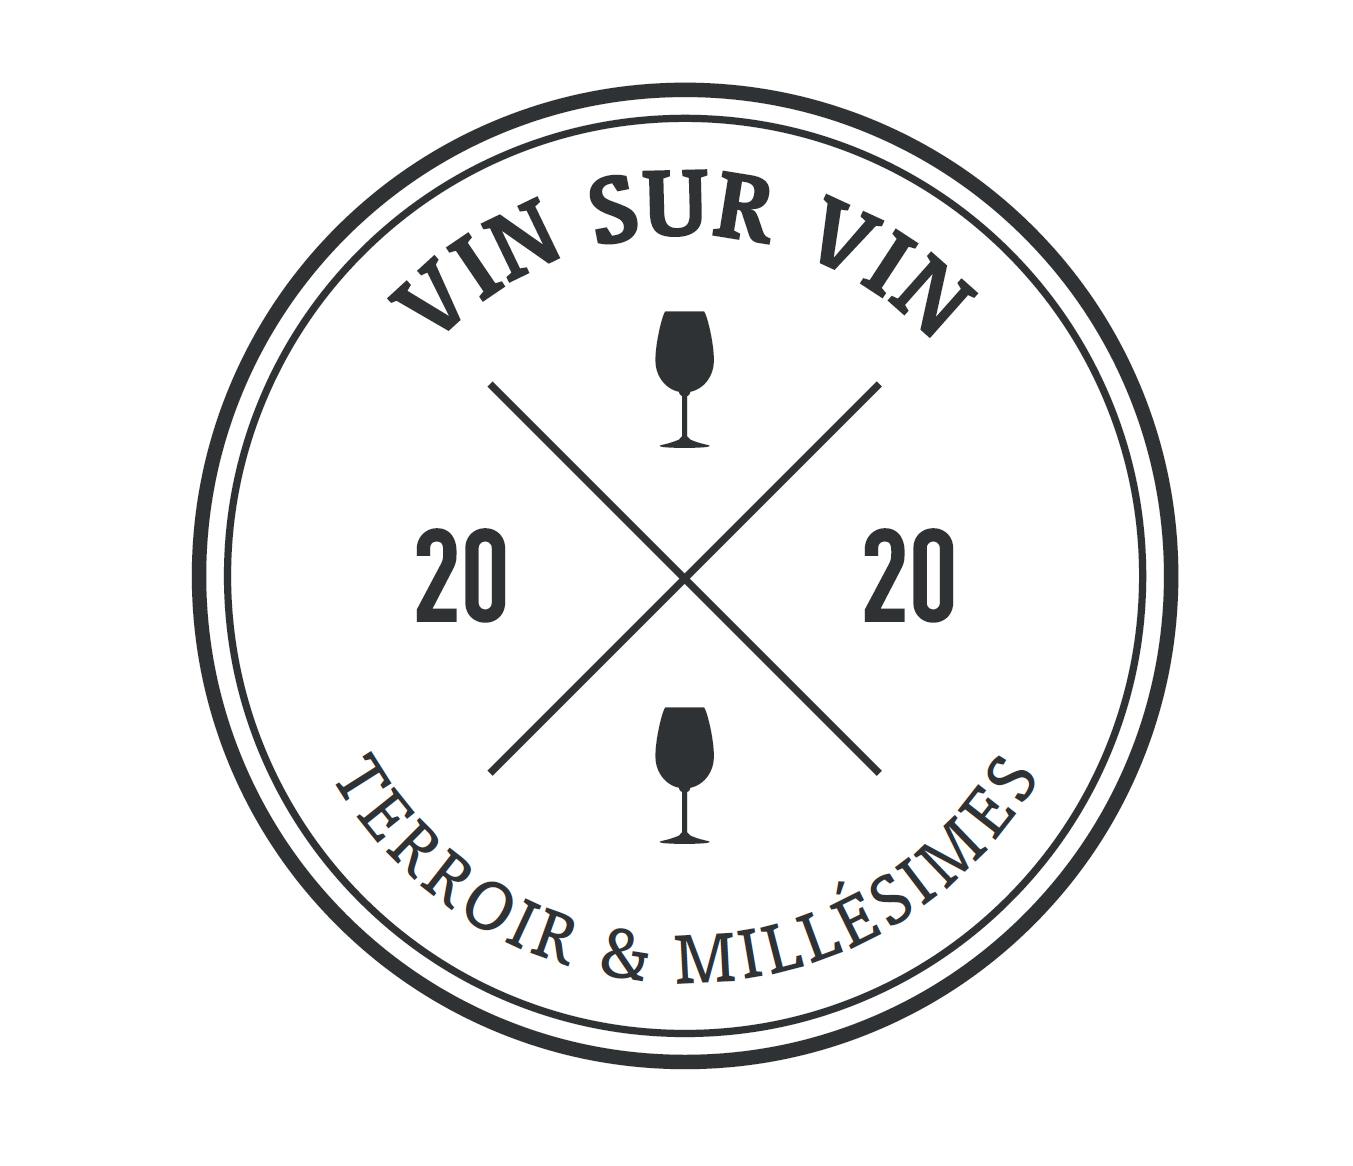 Fête des Vignerons 2019 - vin sur vin